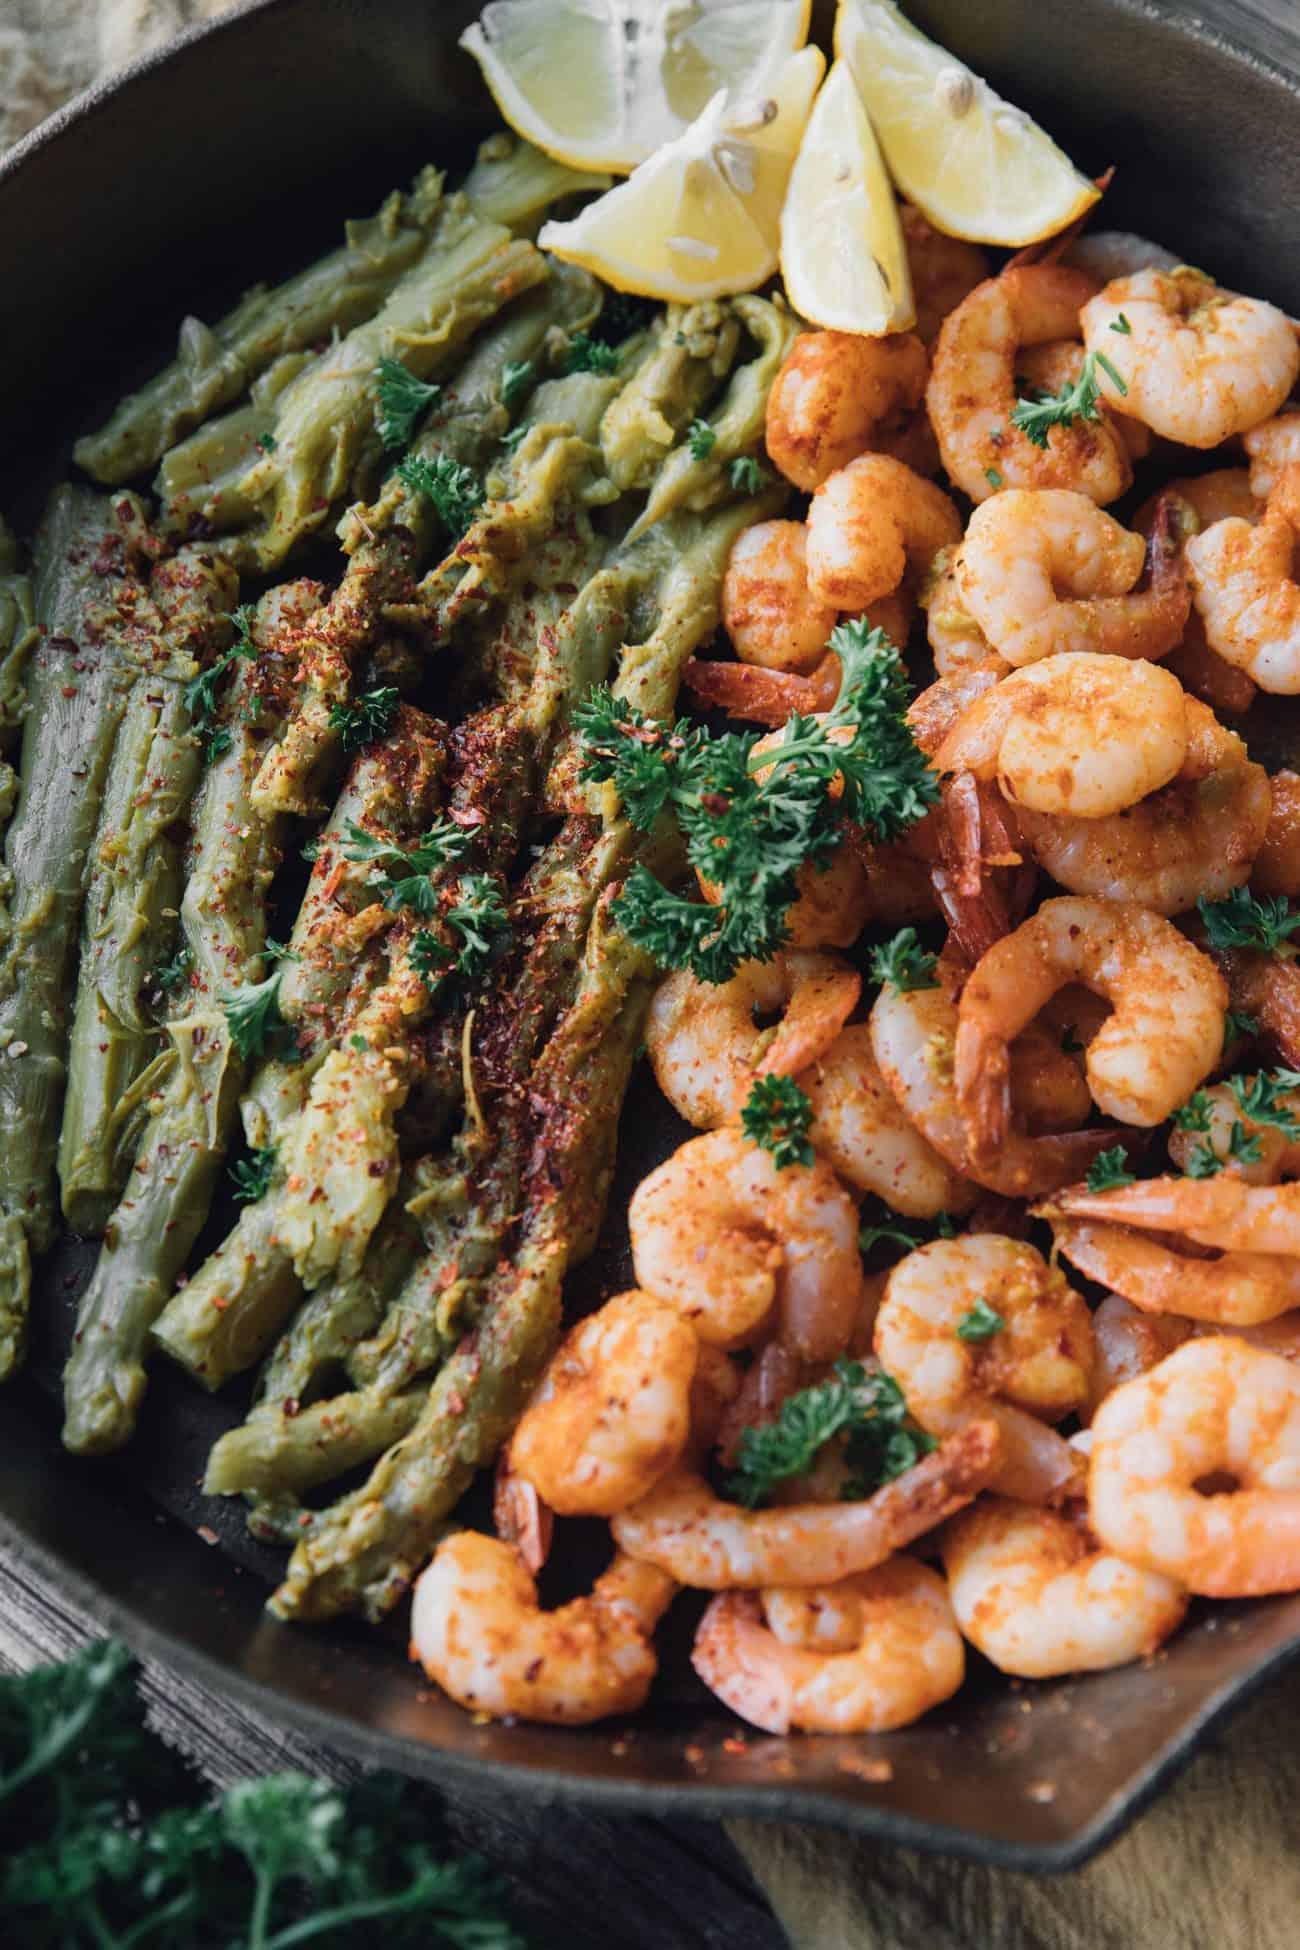 Blackened Shrimp and Asparagus